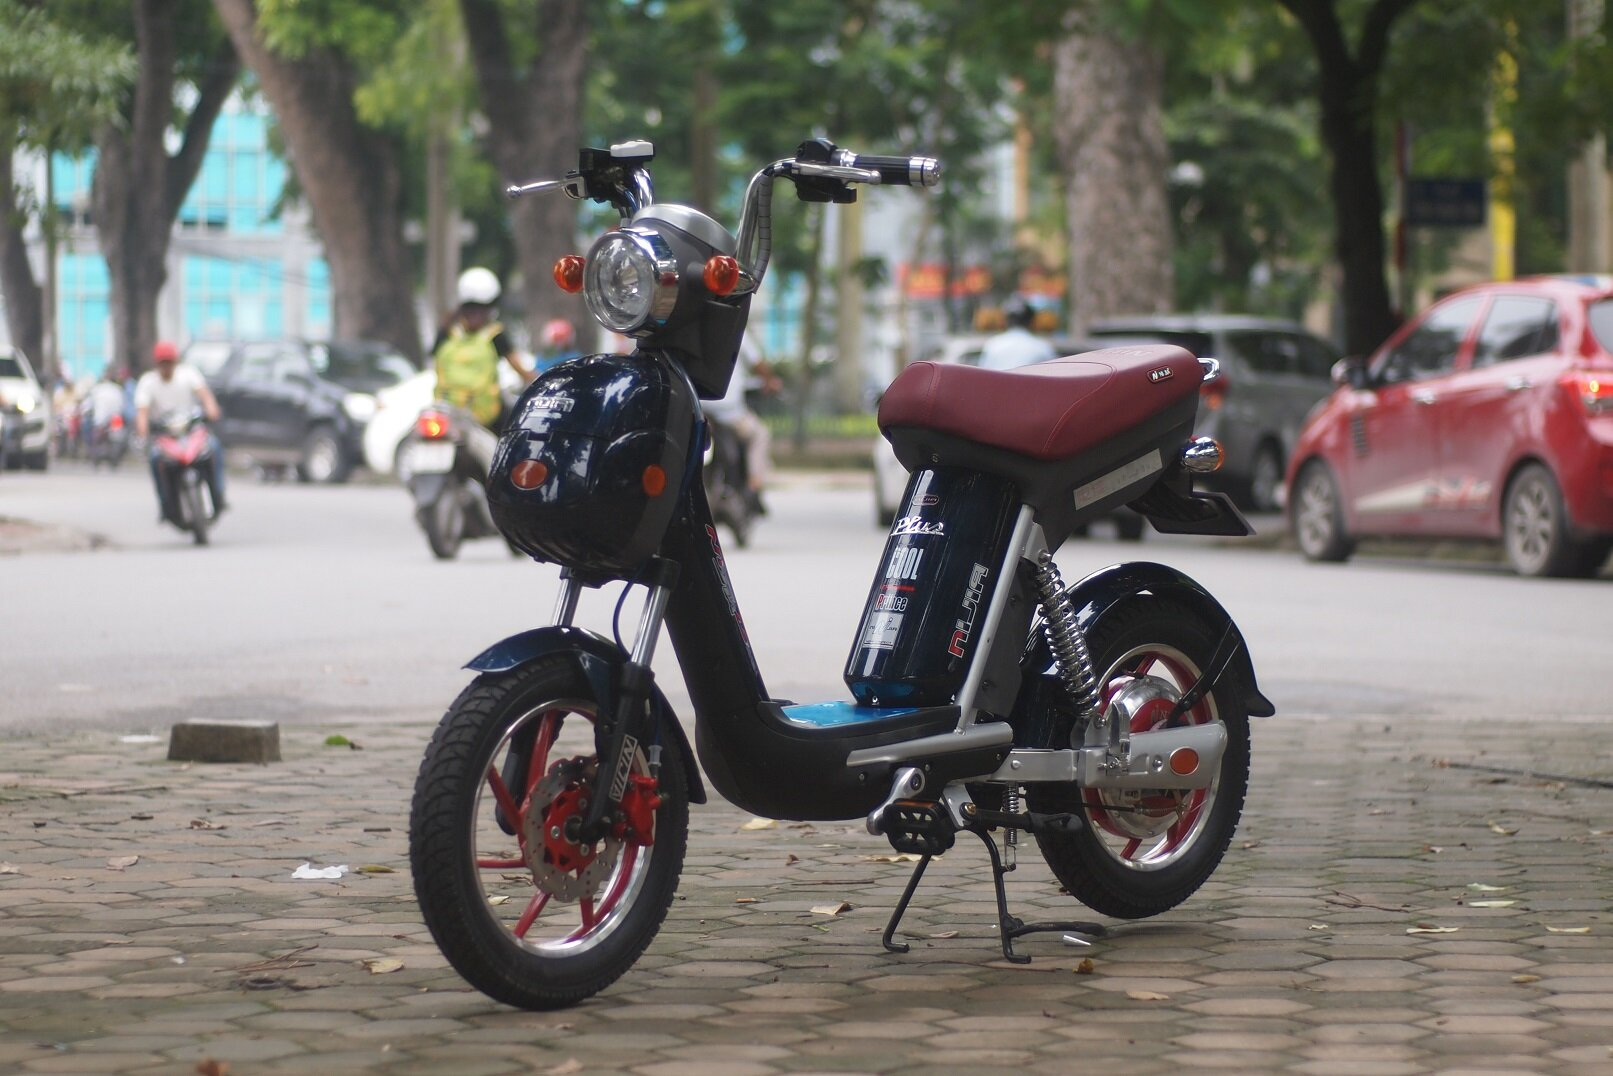 Xe đạp điện Nijia sở hữu khả năng chống nước và tiết kiệm điện cao